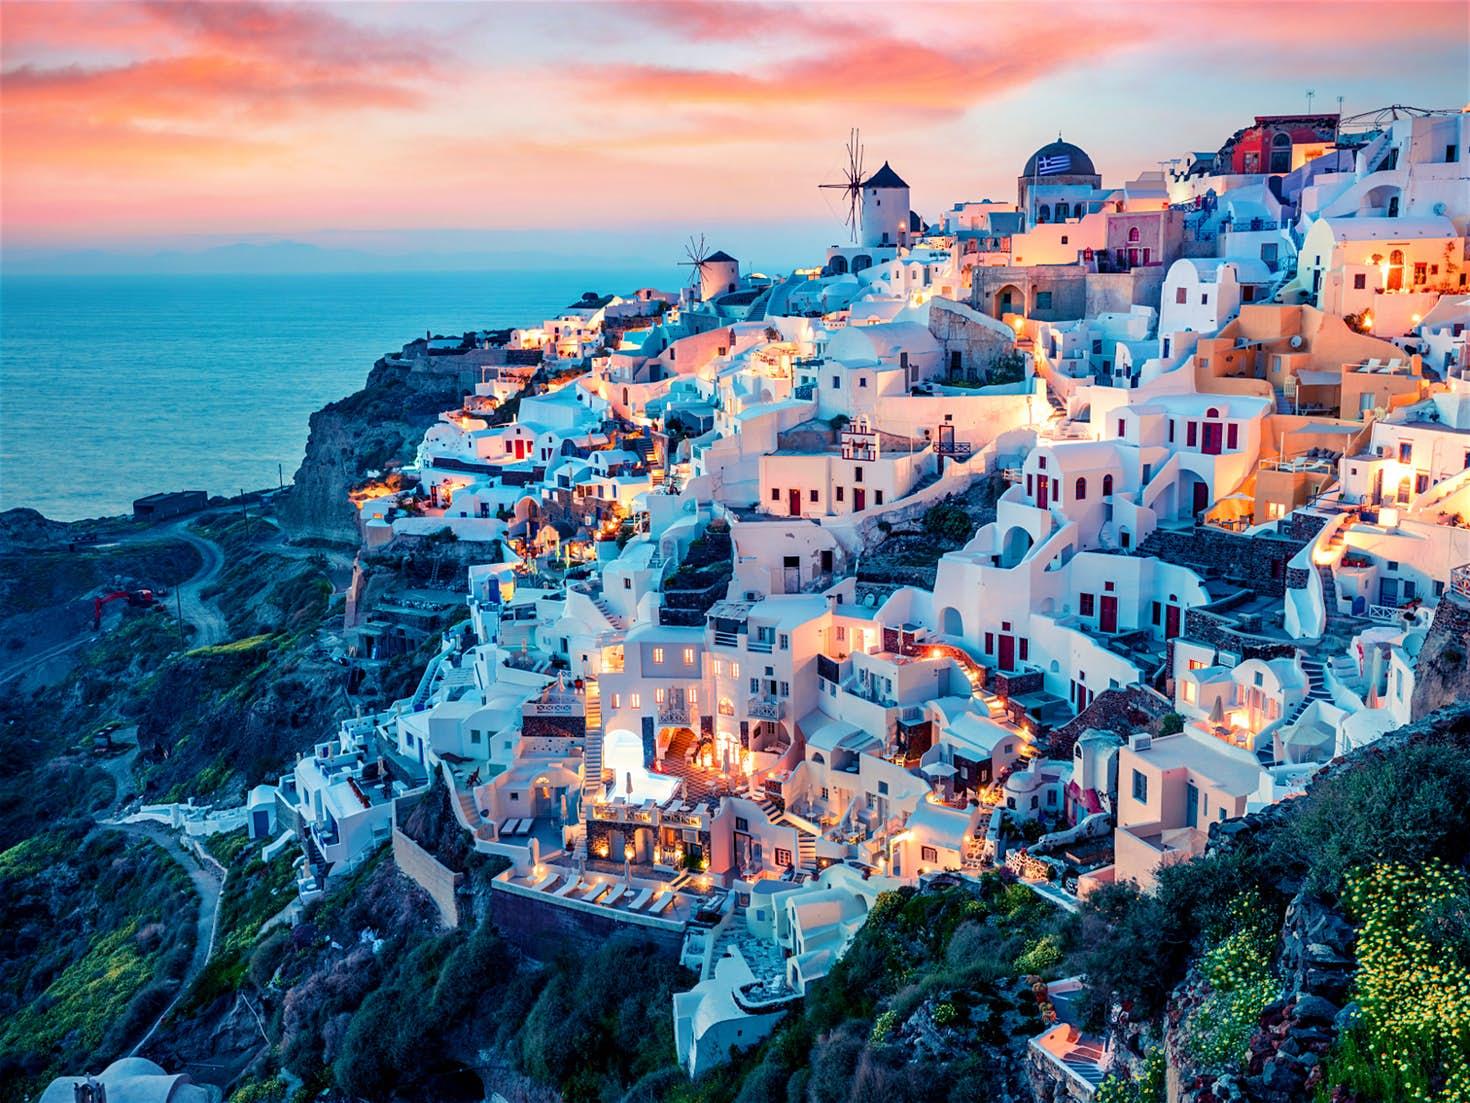 Cosa fare a Santorini? | Itinerari a Santorini